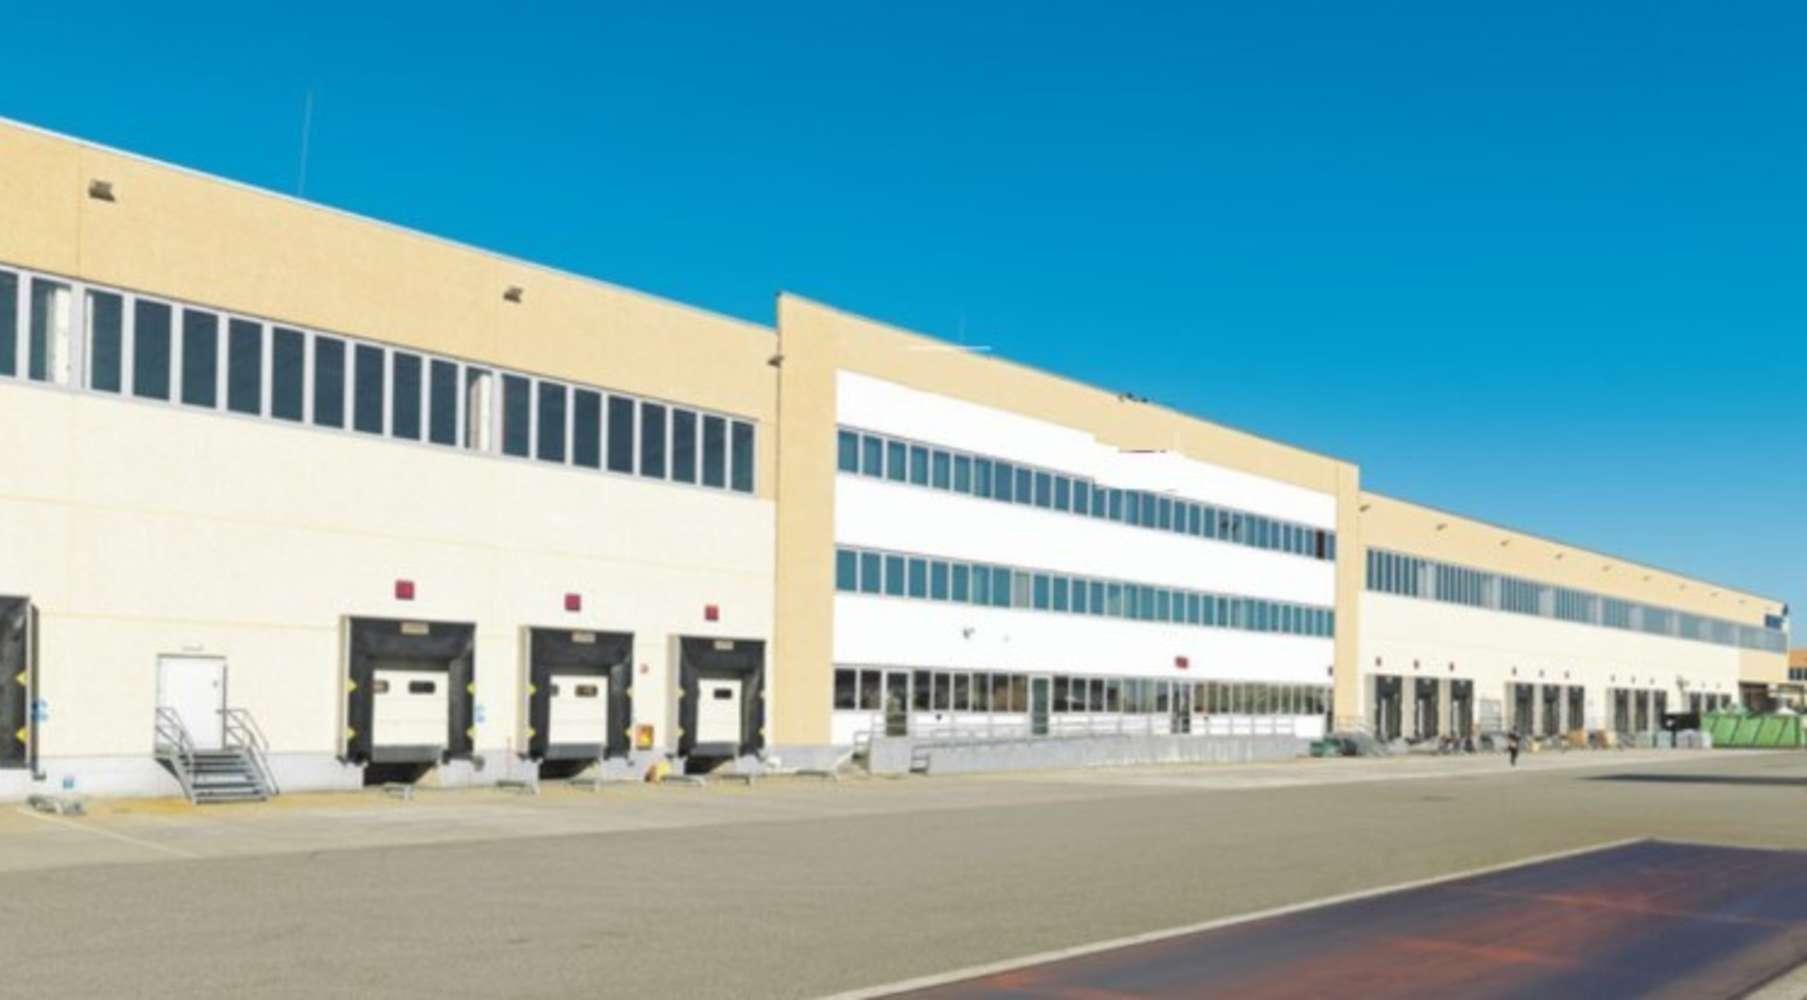 Magazzini industriali e logistici San pietro mosezzo, 28060 - Magazzini logistici 2 - 3 San Pietro Mosezzo - 10917609